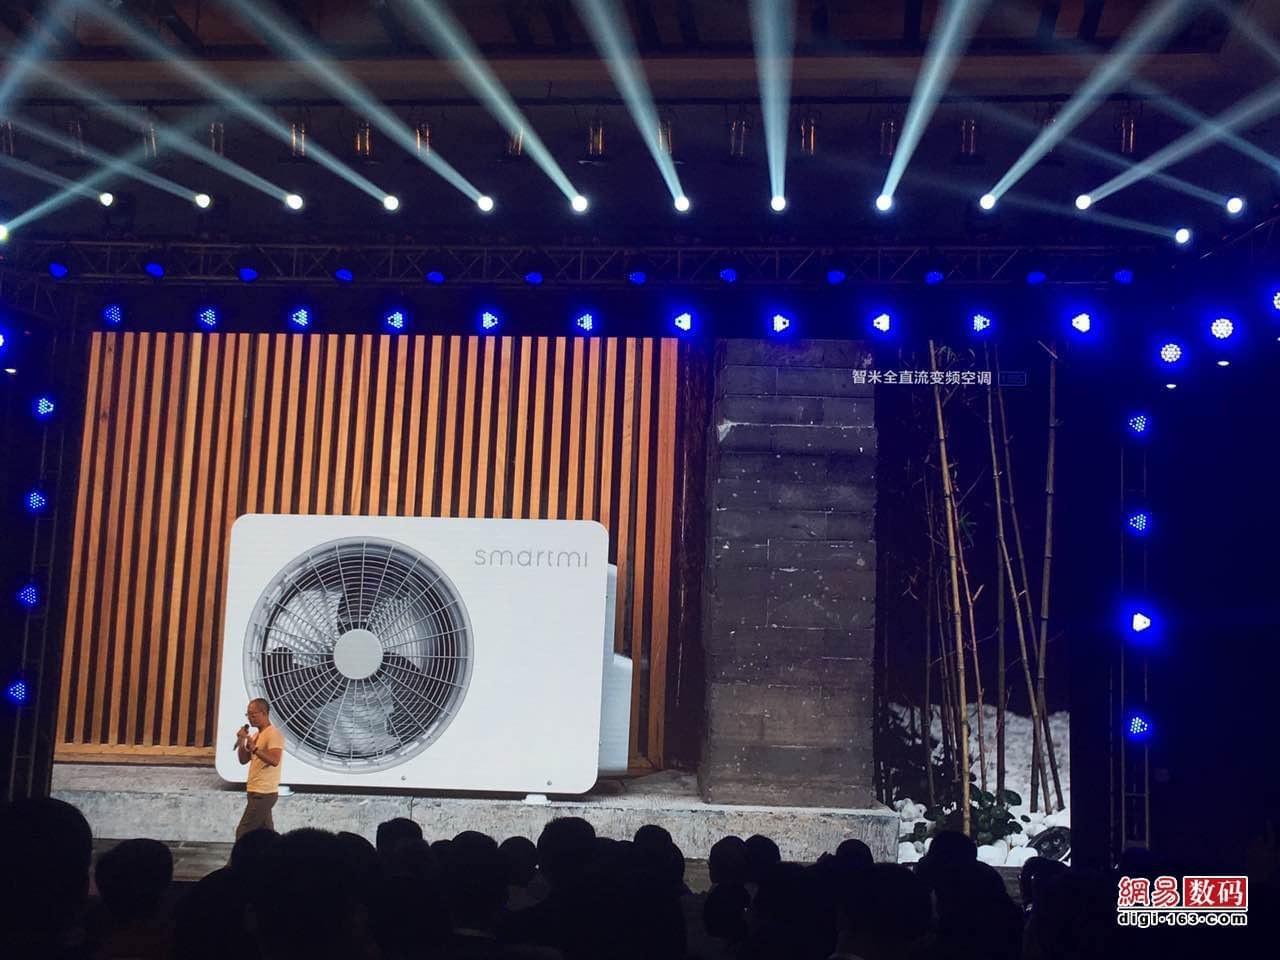 小米智米直流变频空调发布:售4399元/悬浮设计